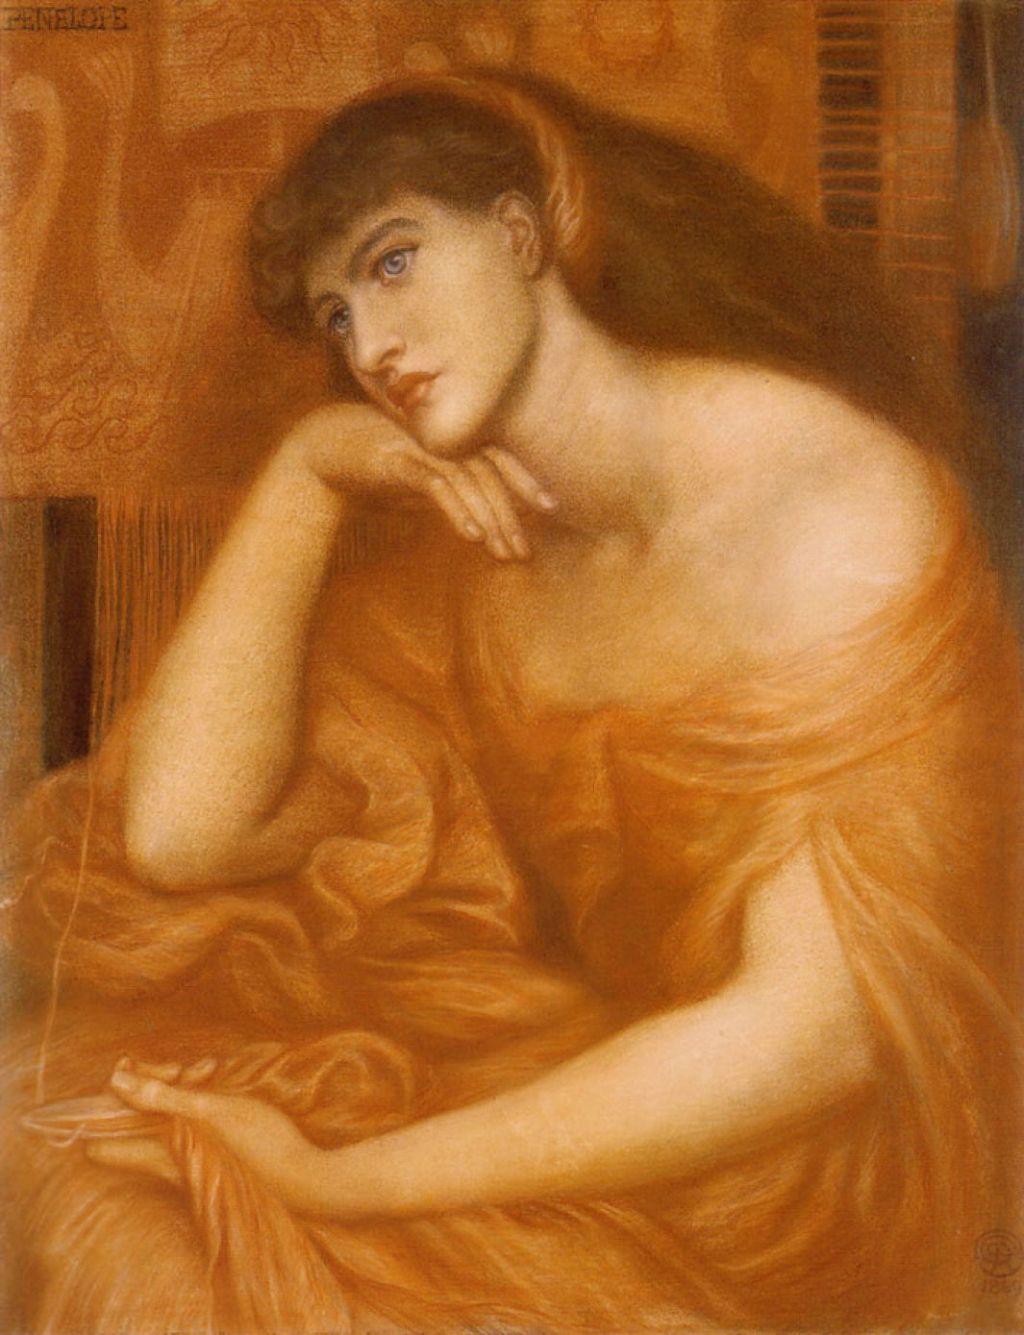 Suitors odysseus penelope Penelope